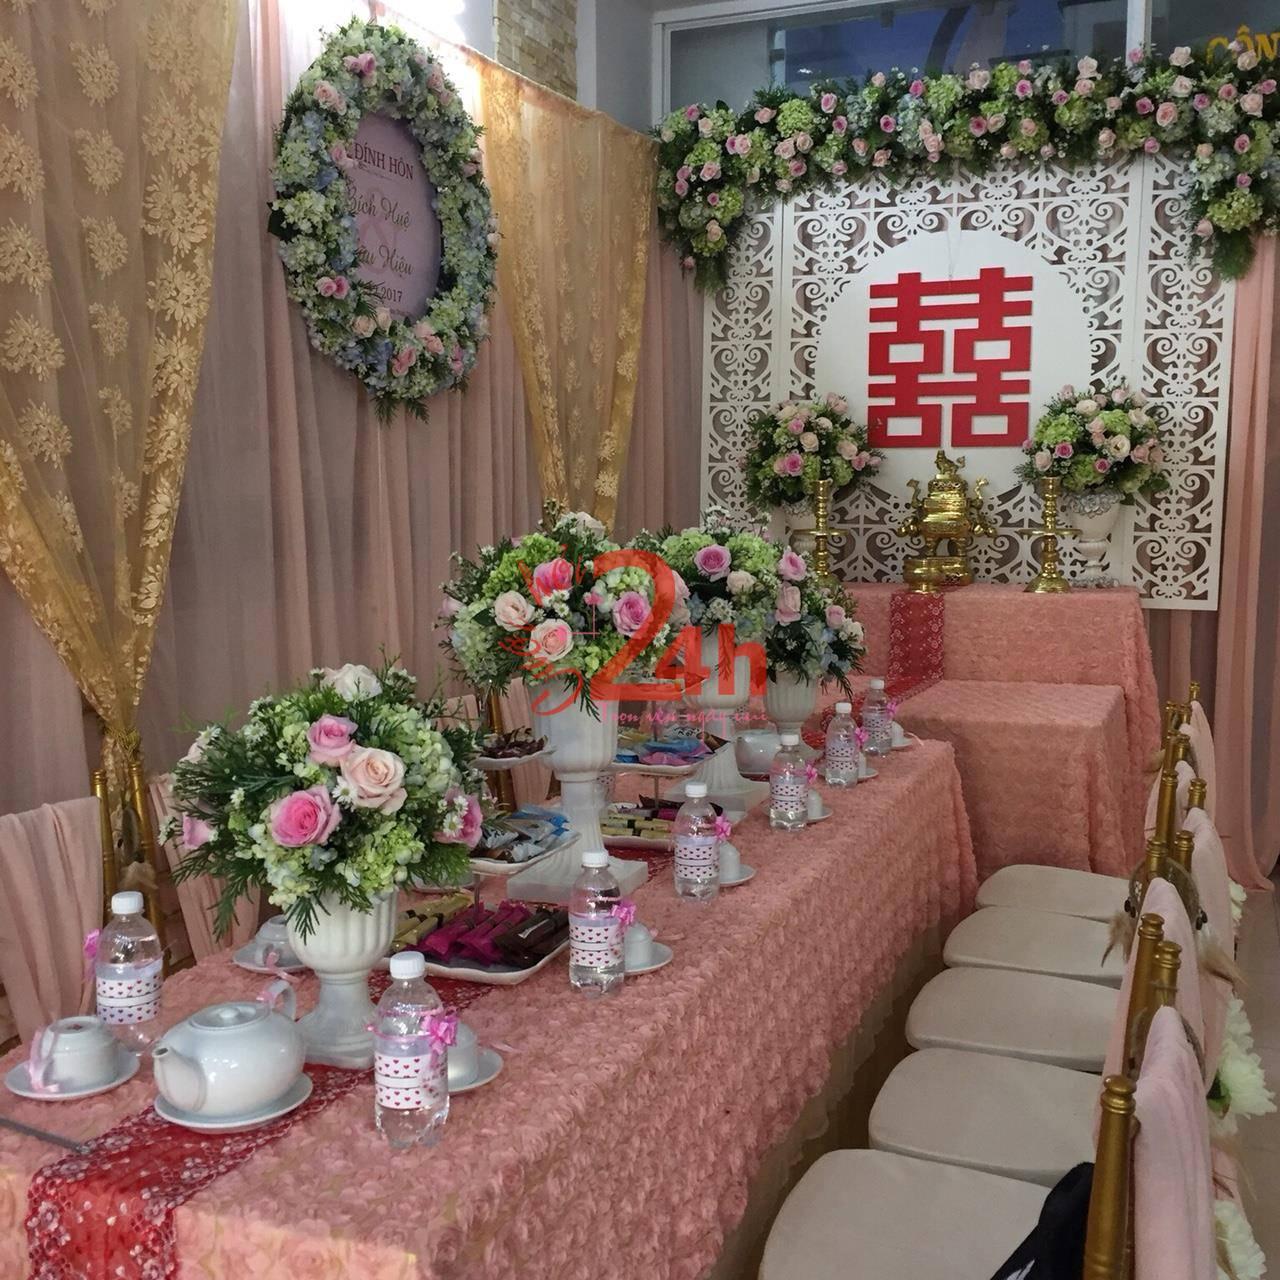 Dịch vụ cưới hỏi 24h trọn vẹn ngày vui chuyên trang trí nhà đám cưới hỏi và nhà hàng tiệc cưới | Hoa để bàn lễ (1)